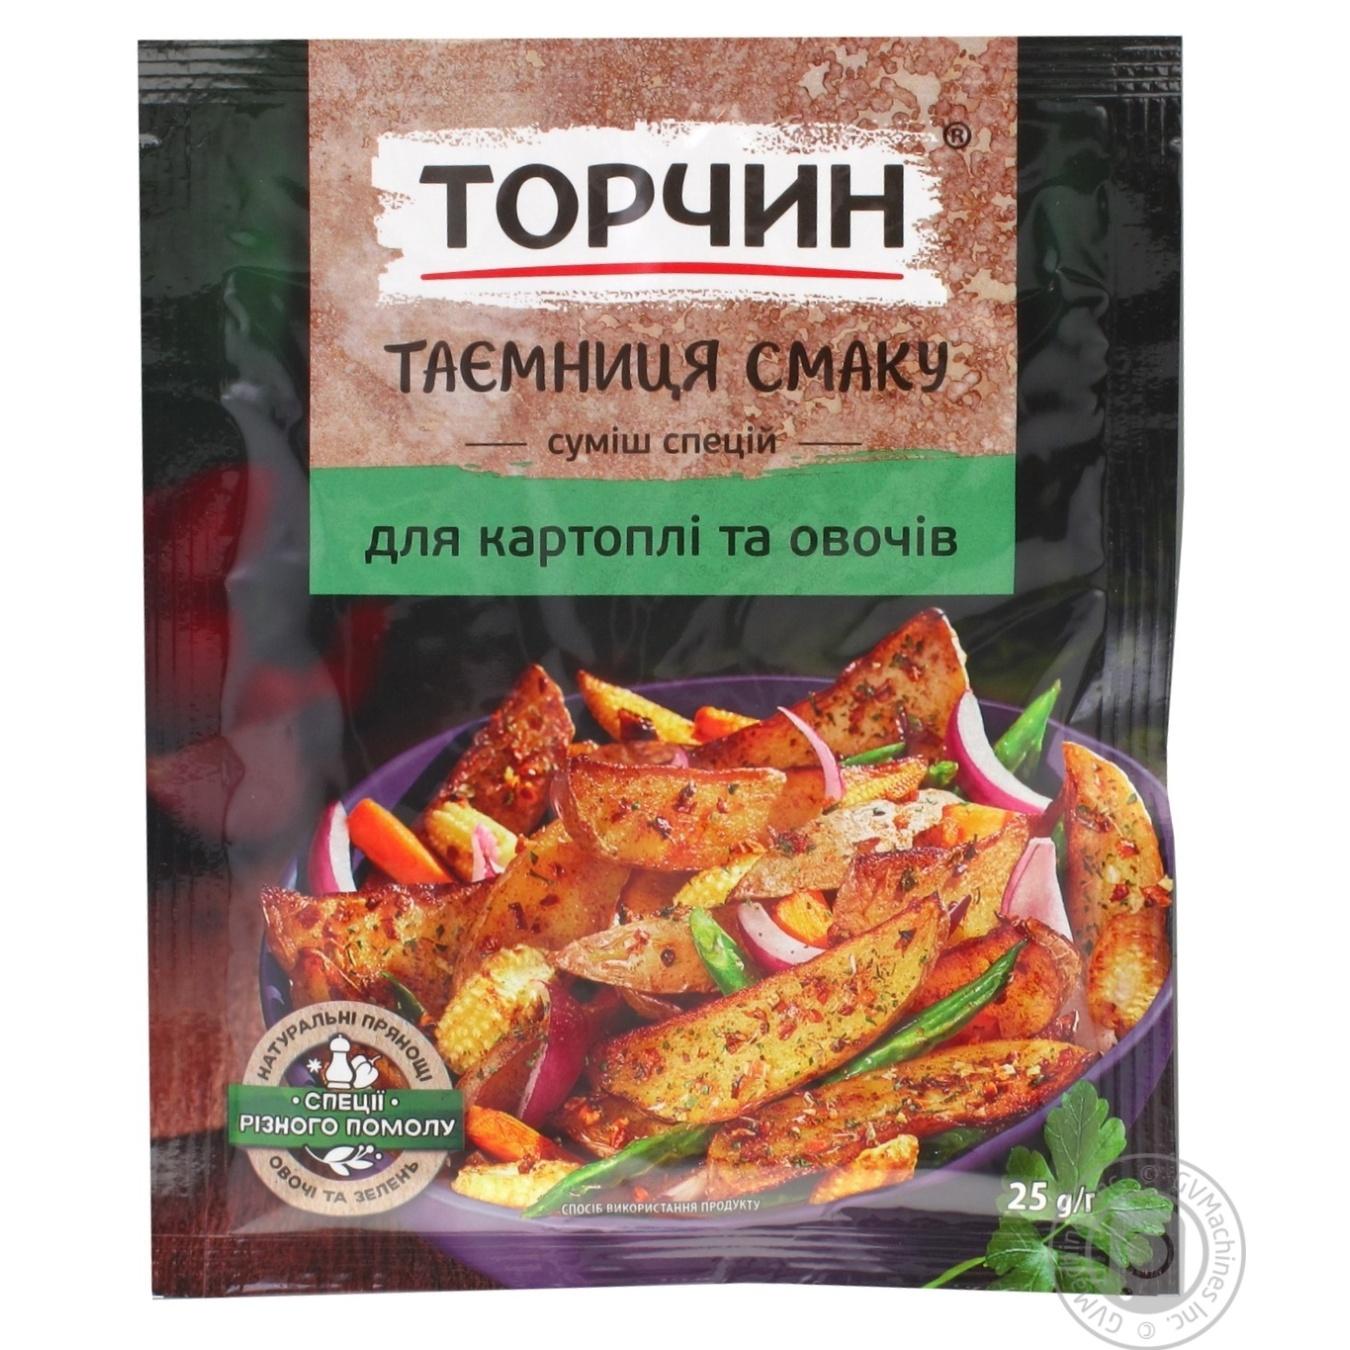 Приправа Торчин Суміш спецій для картоплі та овочів 25г